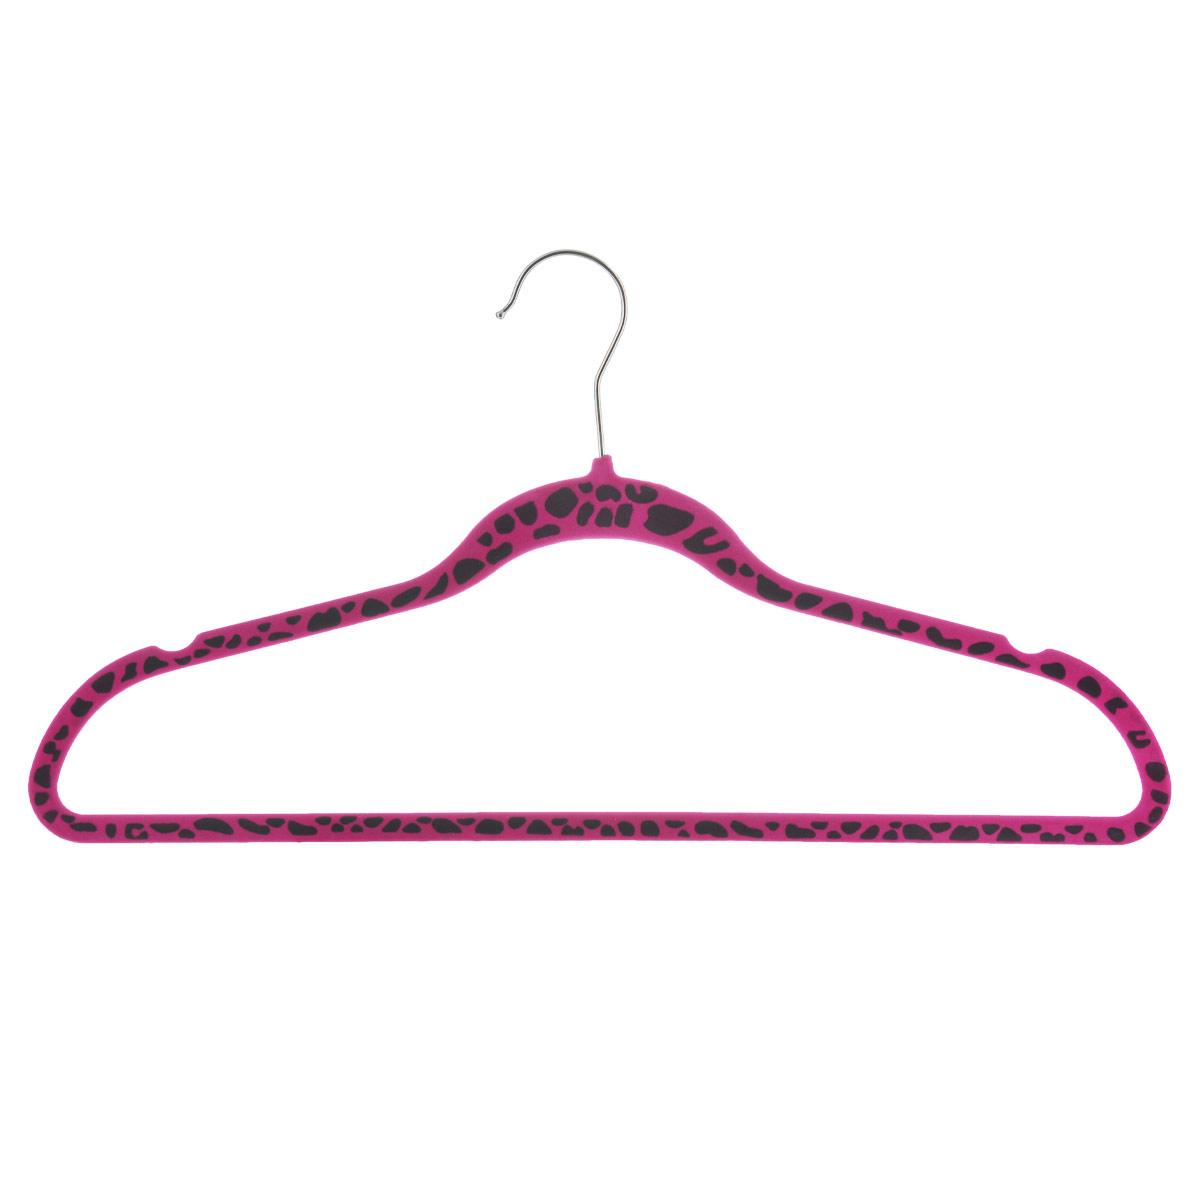 Вешалка для одежды Flatel Сафари, цвет: розовый, черный, размер 50-52BL-1BВешалка Flatel Сафари выполнена из ABS-пластика, обтянута бархатистой тканью флок. Вешалка оснащена перекладиной, удобным металлическим крючком, а также выемками для петелек одежды.Вешалка - это незаменимая вещь для того, чтобы ваша одежда всегда оставалась в хорошем состоянии. Размер одежды: 50-52.